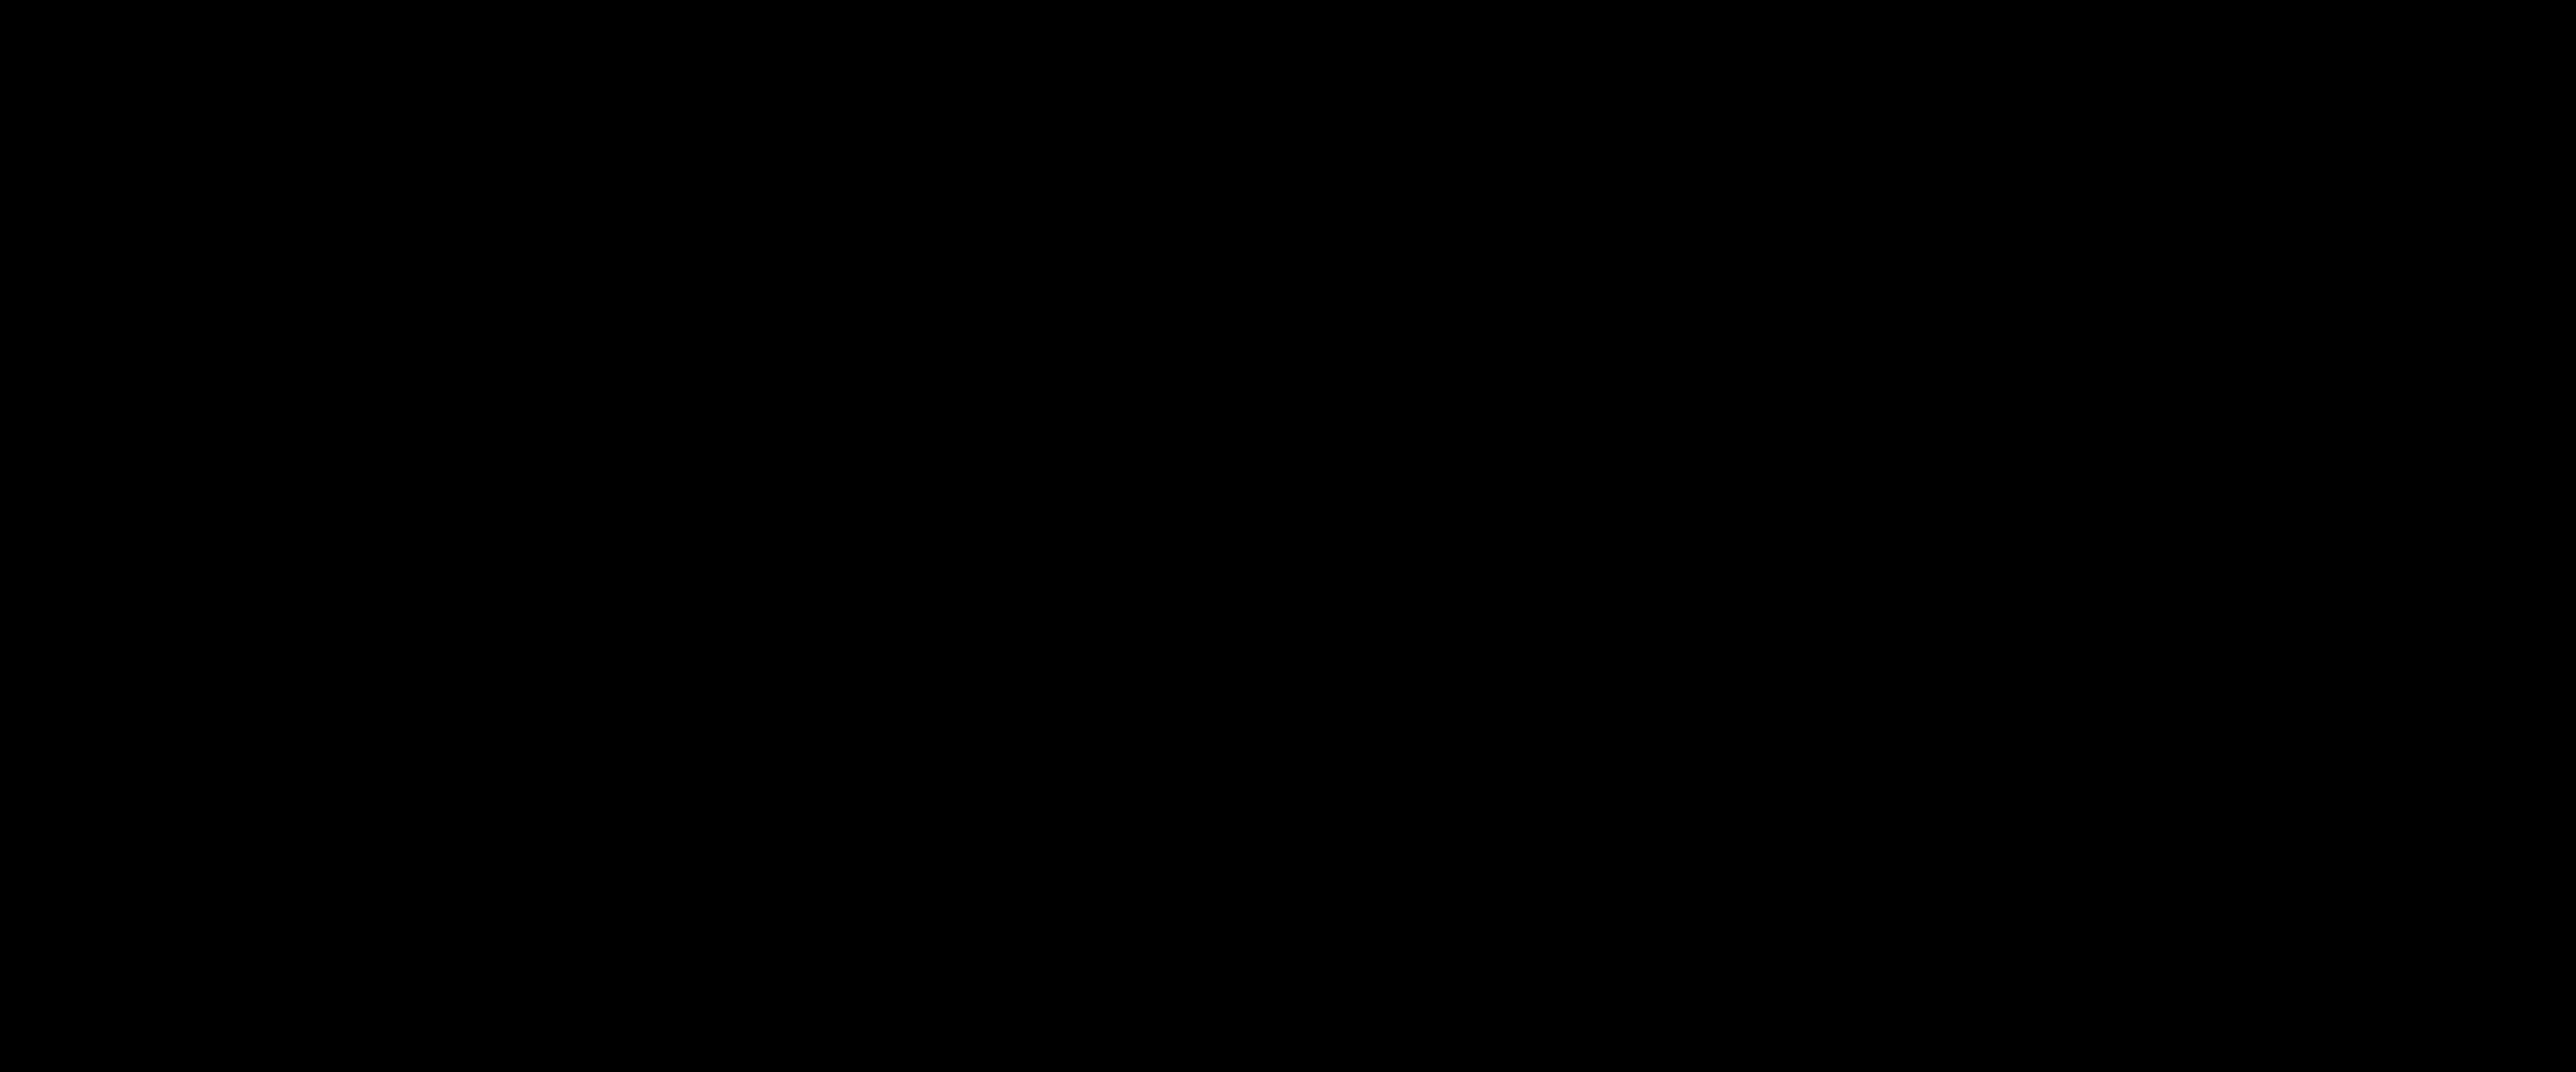 FileLeiden map Sluyterjpg Wikimedia Commons